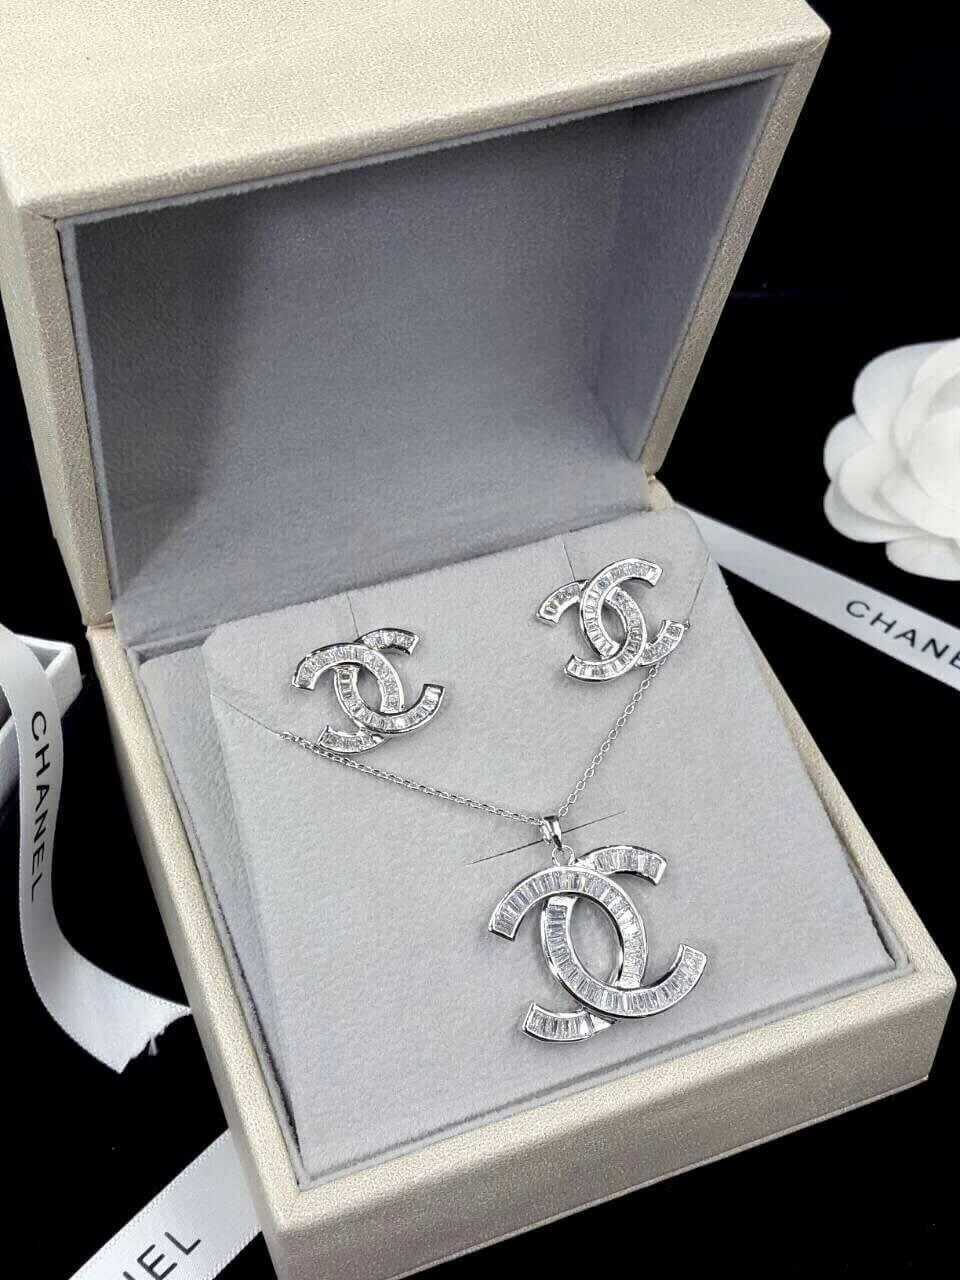 พร้อมส่ง Chanel Earring งานเกรดซุปเปอร์ไฮเอนคะ งานเพชร CZ แท้